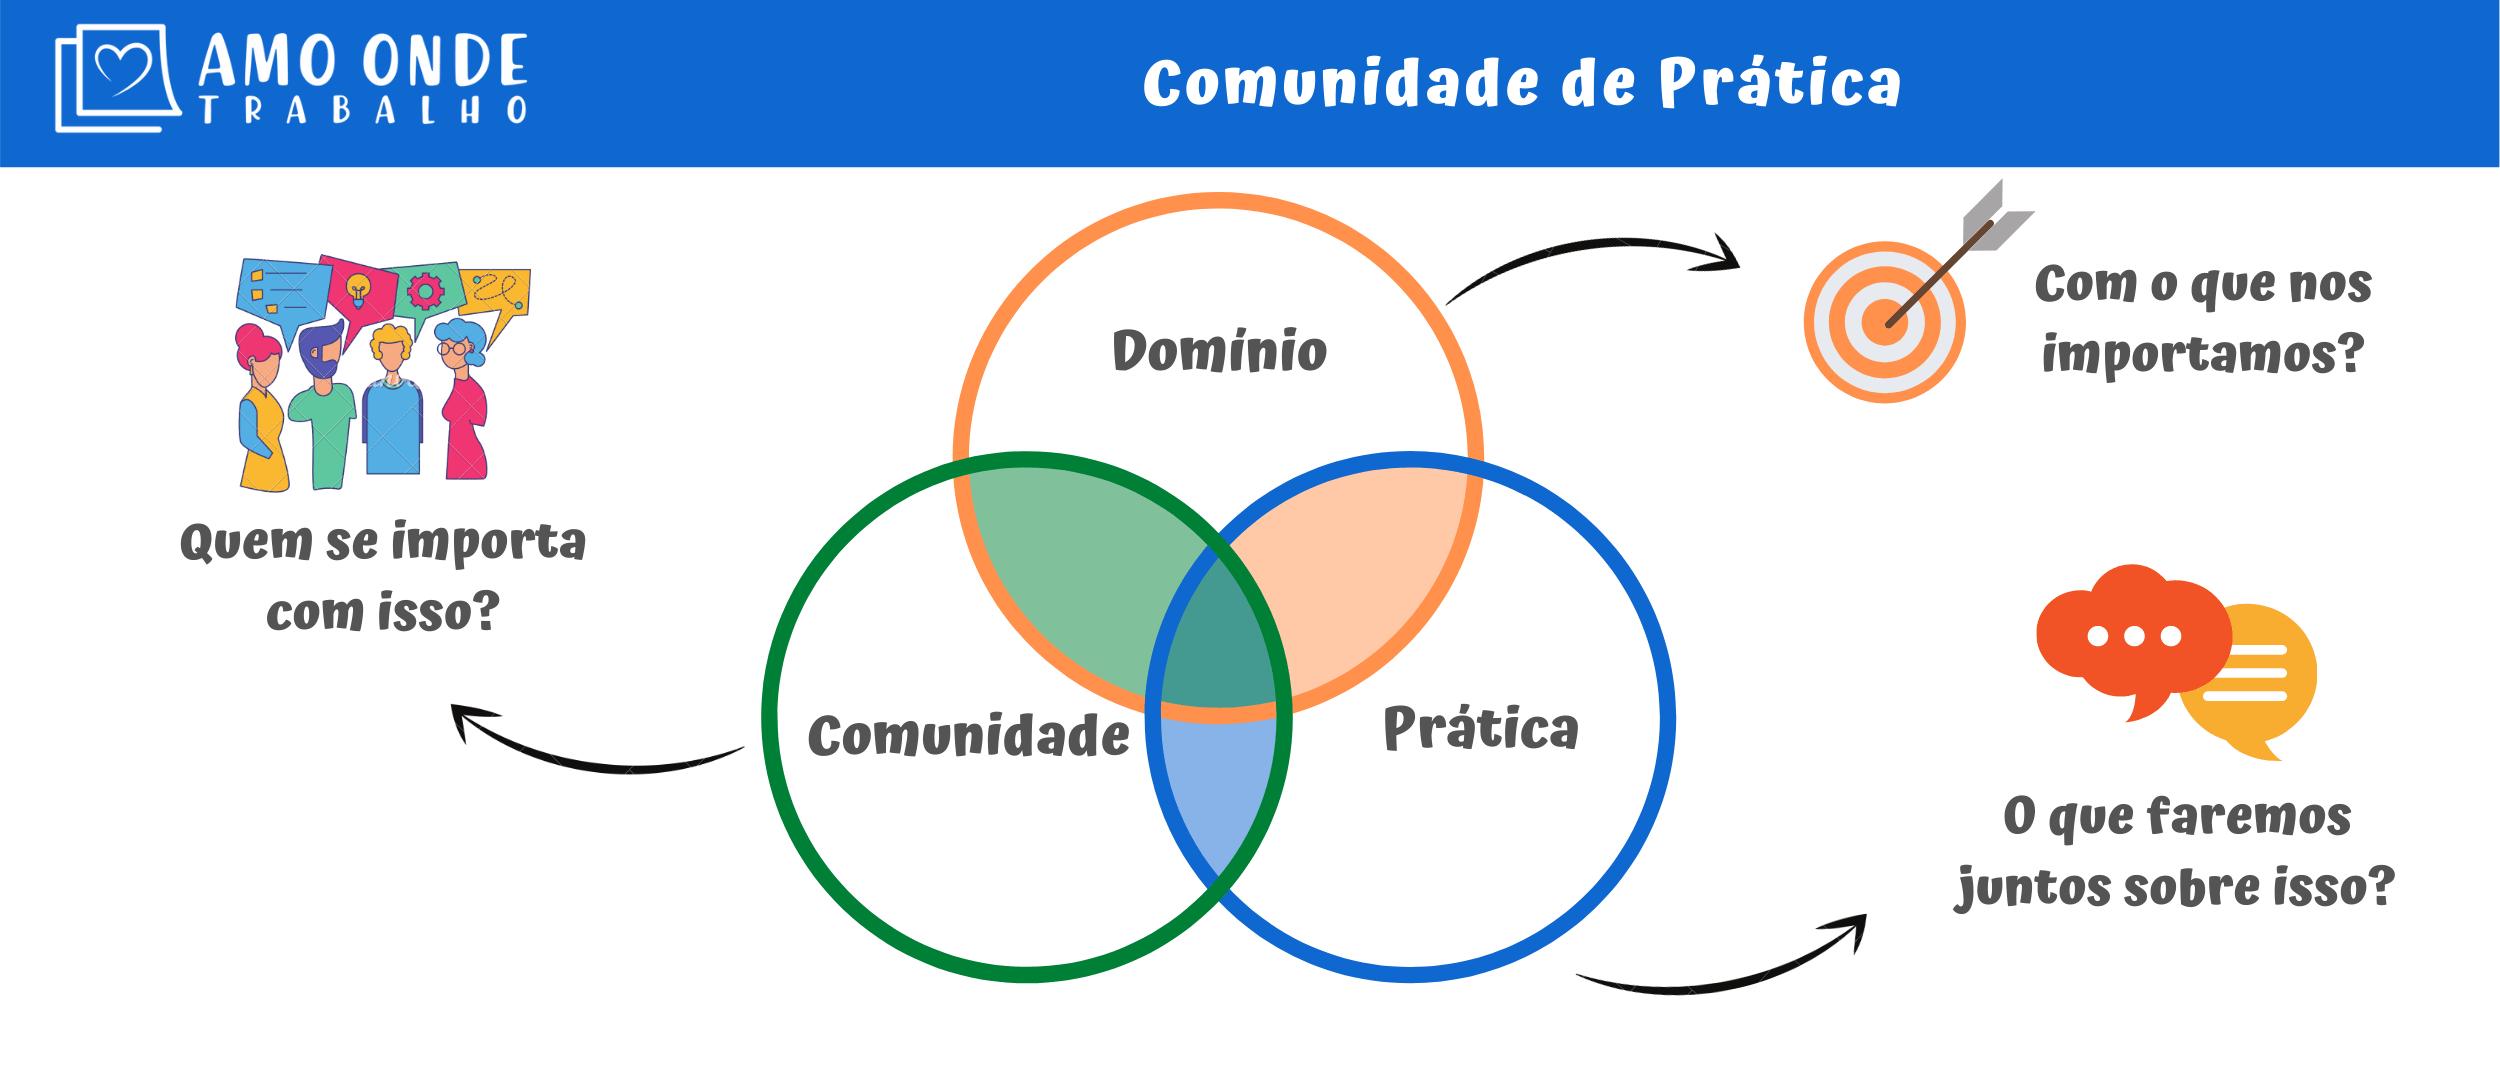 Comunidade de Prática